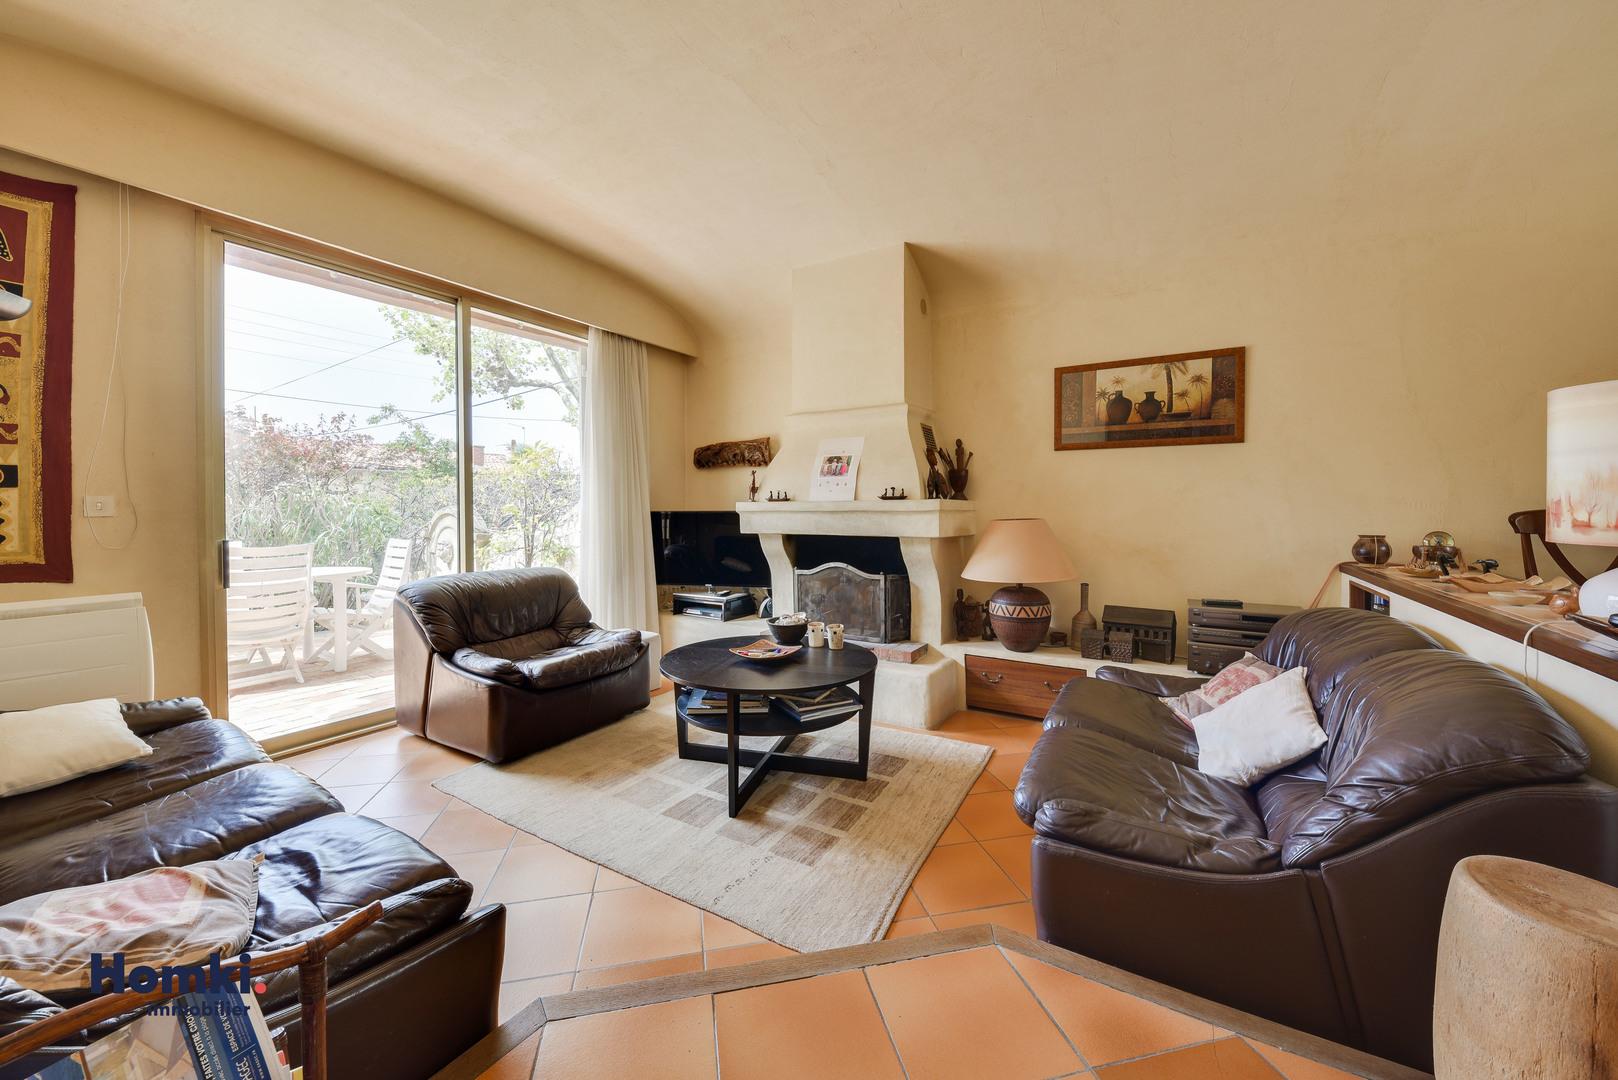 Vente Maison 105m² T4 13007 ROUCAS BOMPARD_4